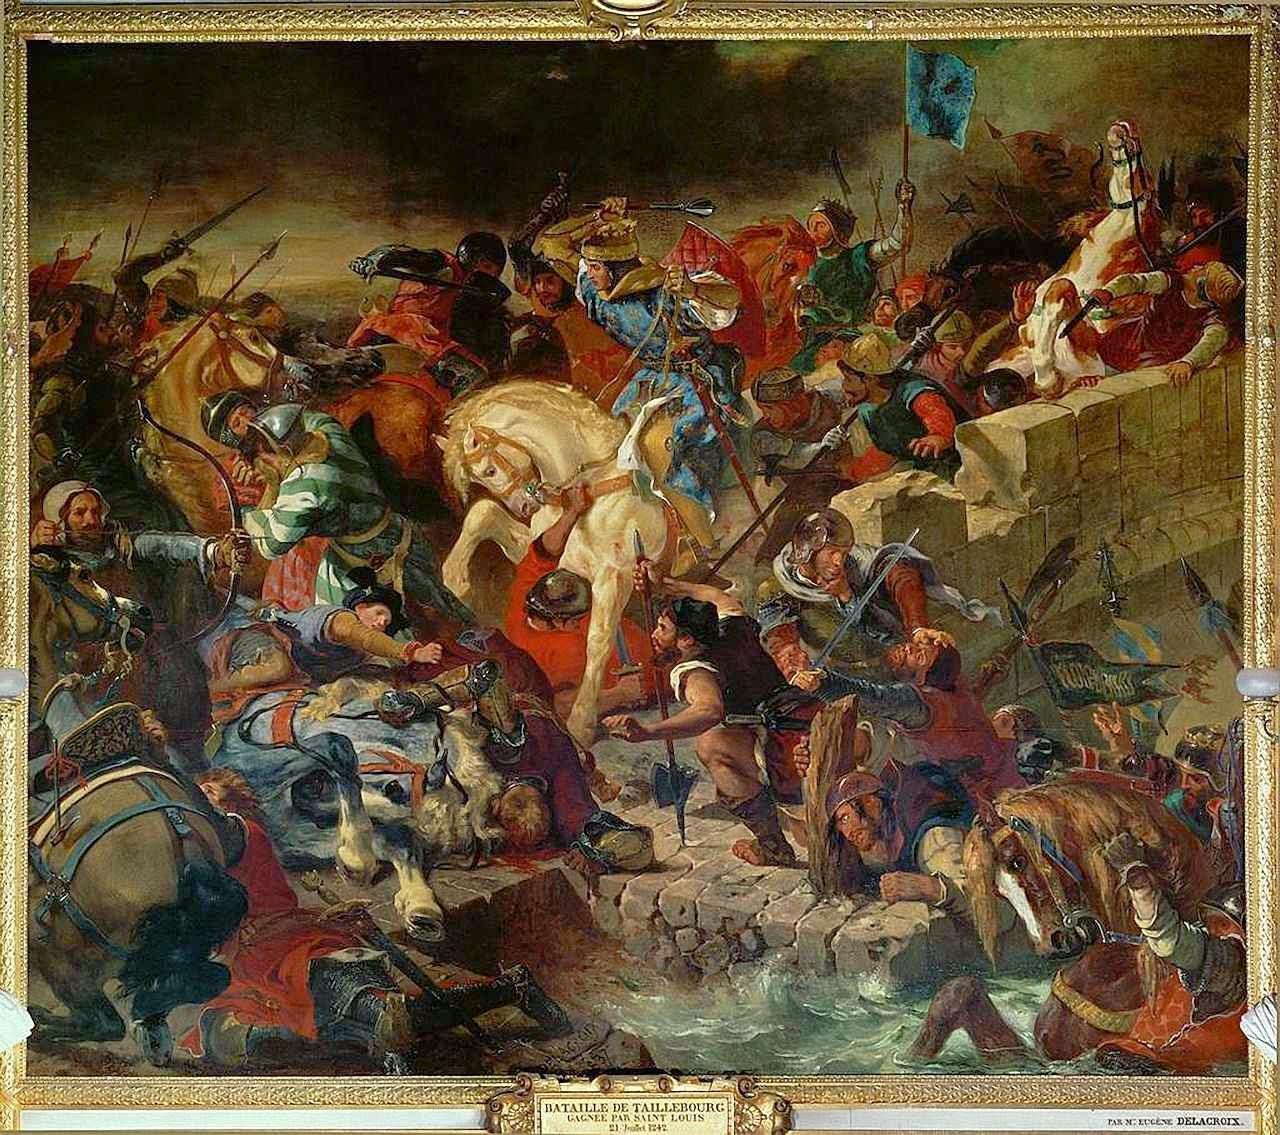 São Luís na batalha de Taillebourg.  Ferdinand-Victor-Eugène Delacroix 1798-1863, Galerie des Batailles, Versailles